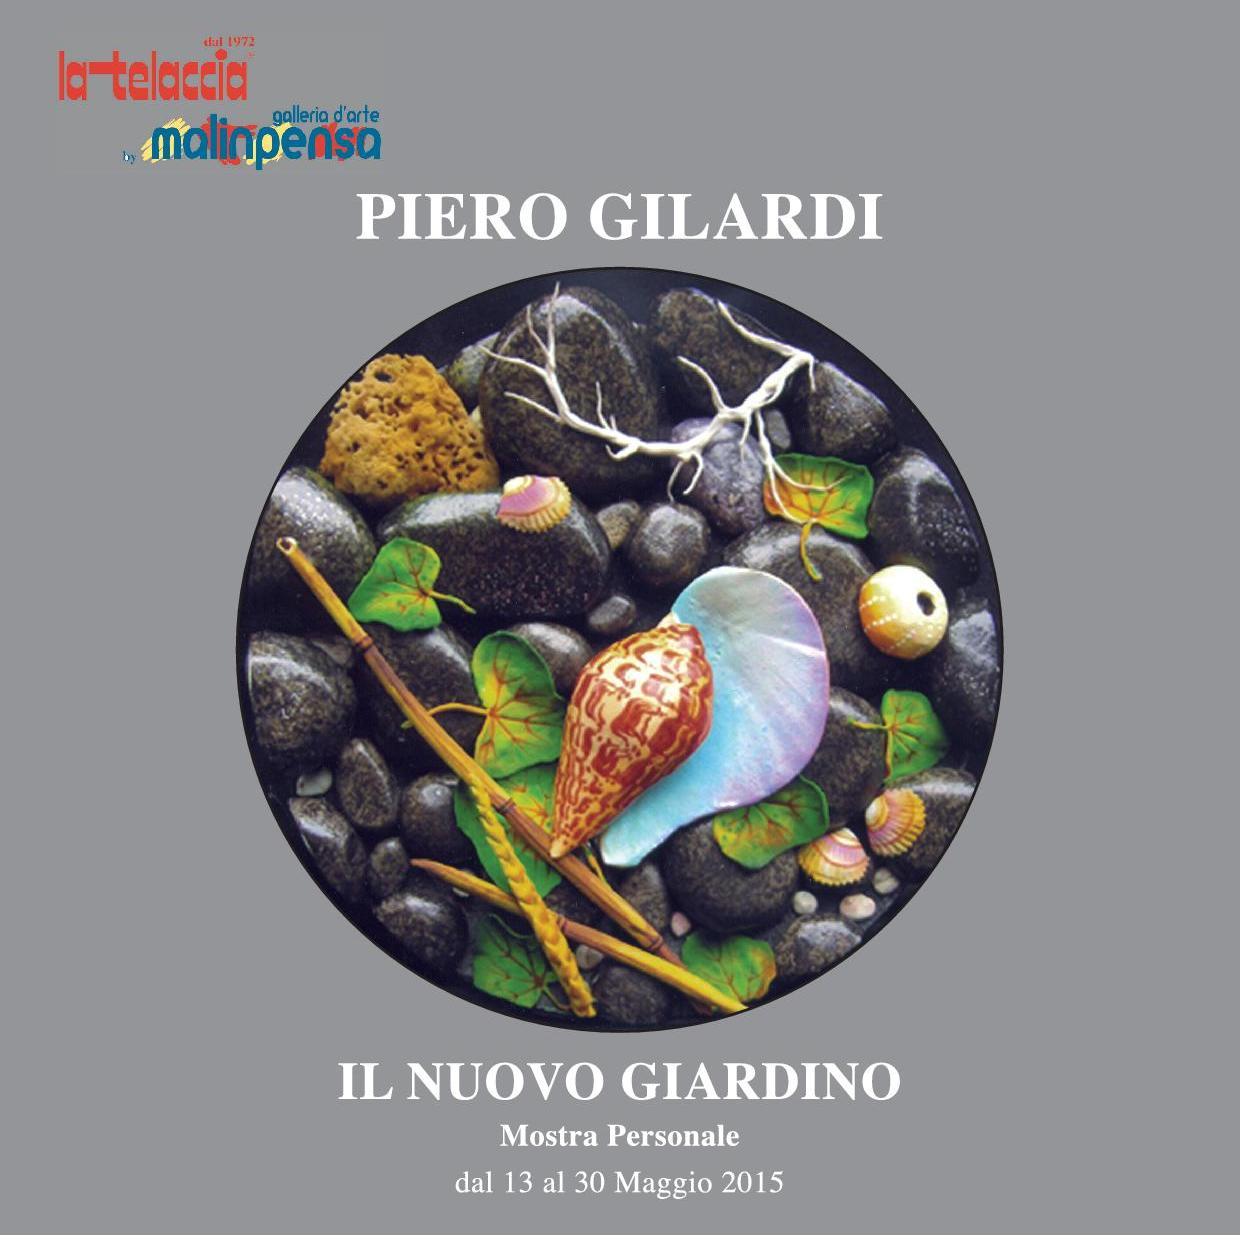 CATALOGO MOSTRA PERSONALE DI PIERO GILARDI01.jpg